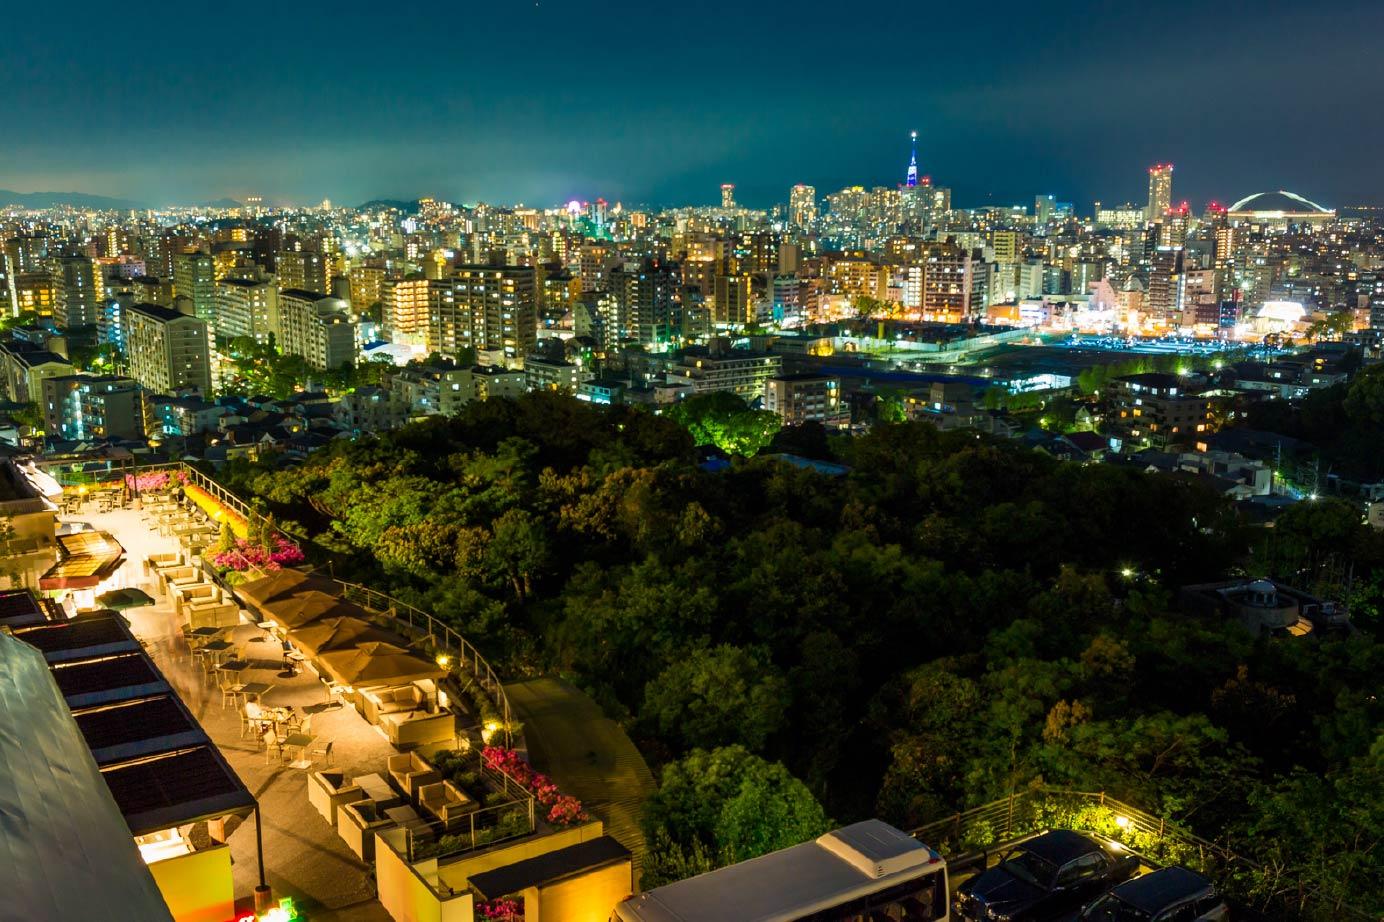 高台に建っているので、客室の窓から福岡市内を一望できる